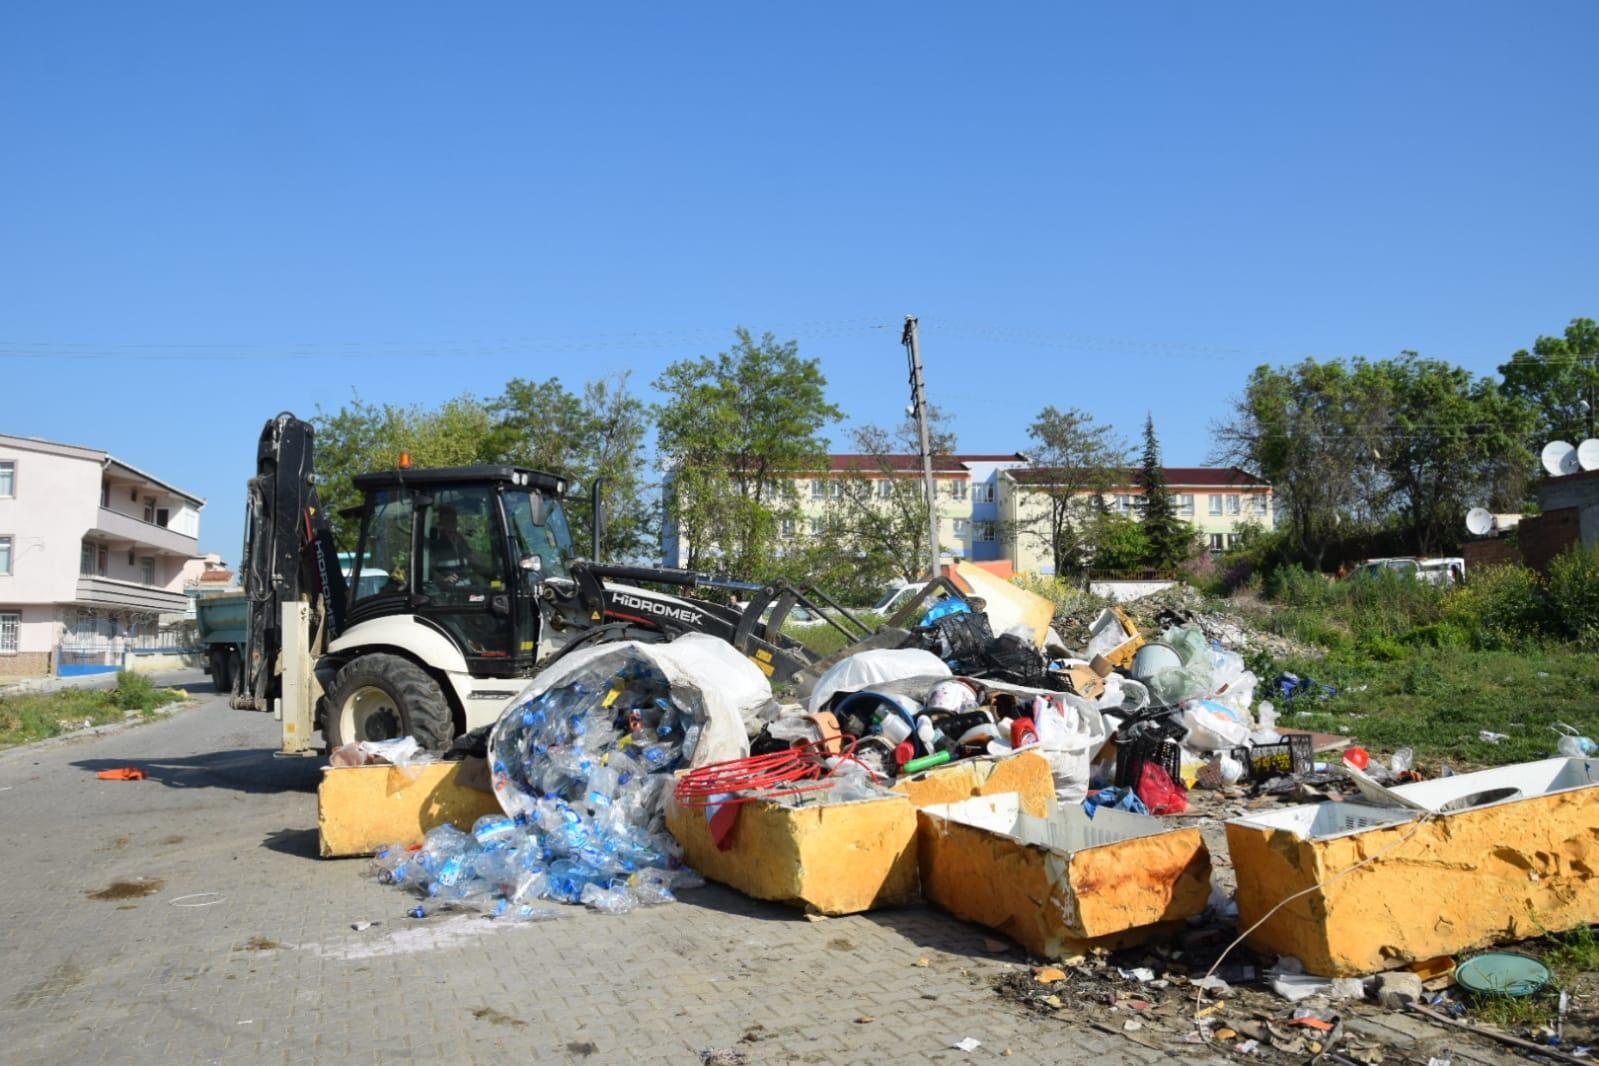 Kötü görüntüye sebep olan çöp yığınları ortadan kaldırıldı